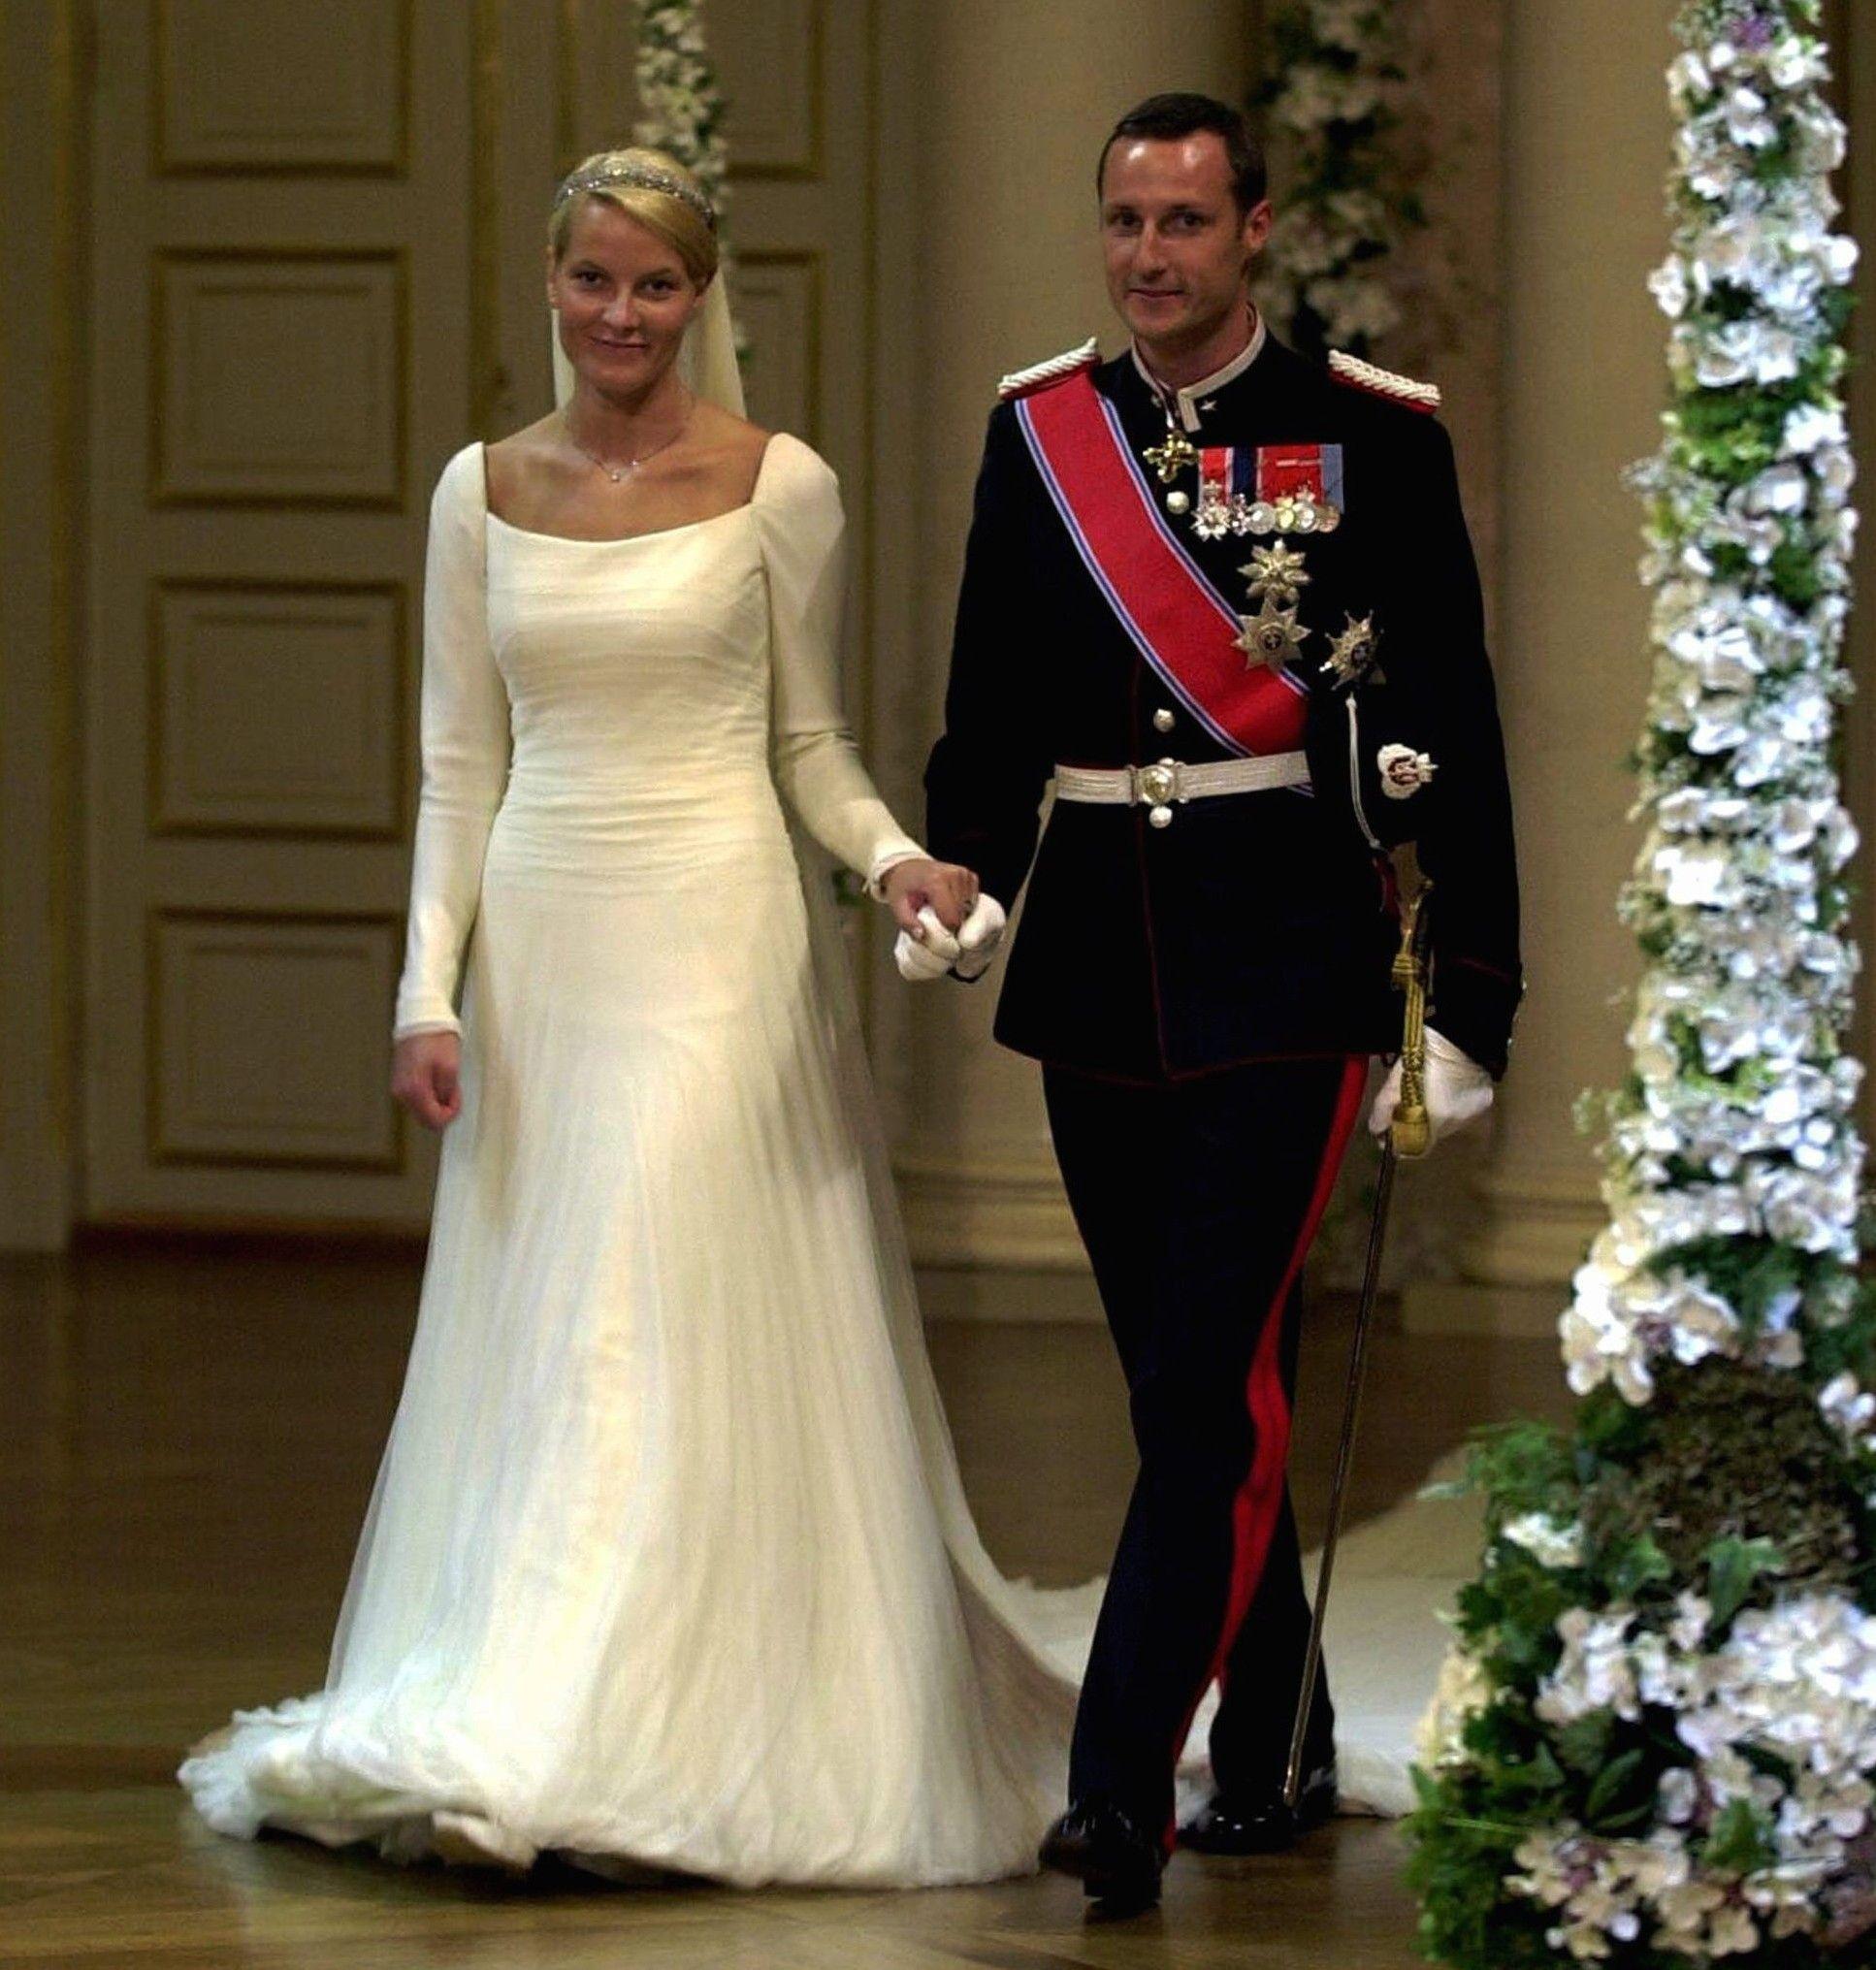 Kronprins Haakon and Mette-Marit Tjessem Høiby  Royal wedding